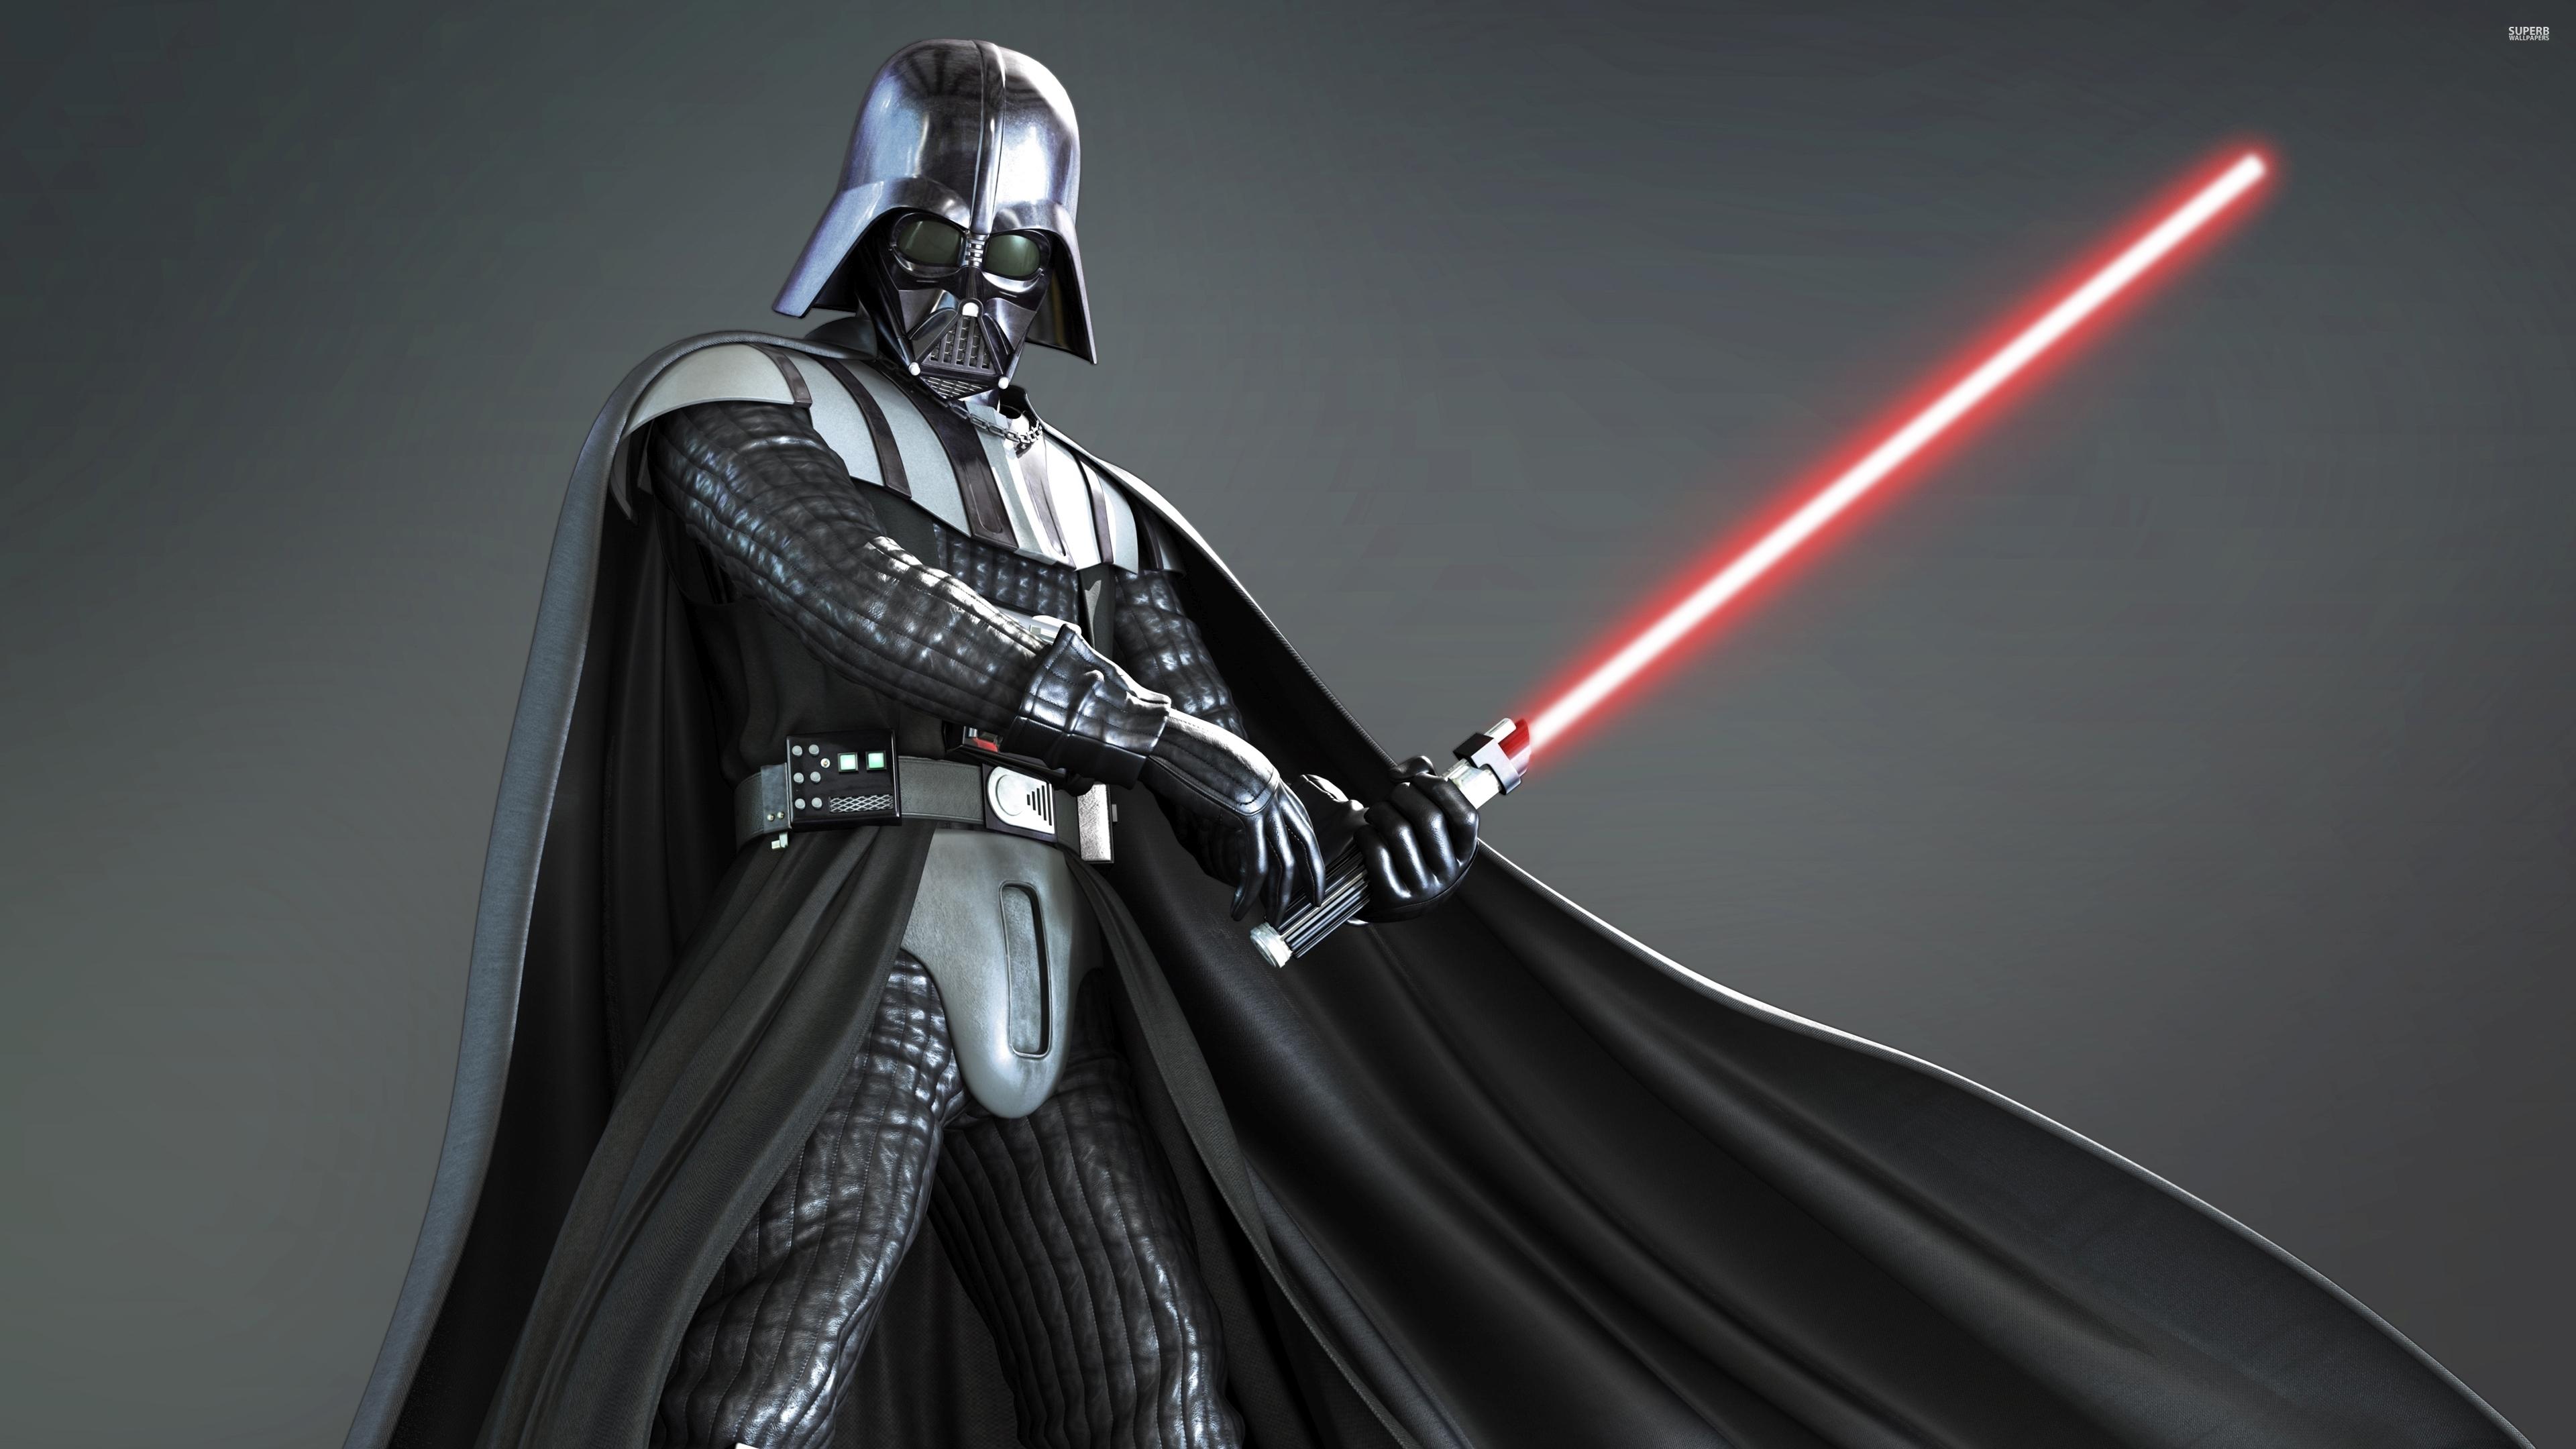 Darth Vader Wallpapers HD 3840x2160